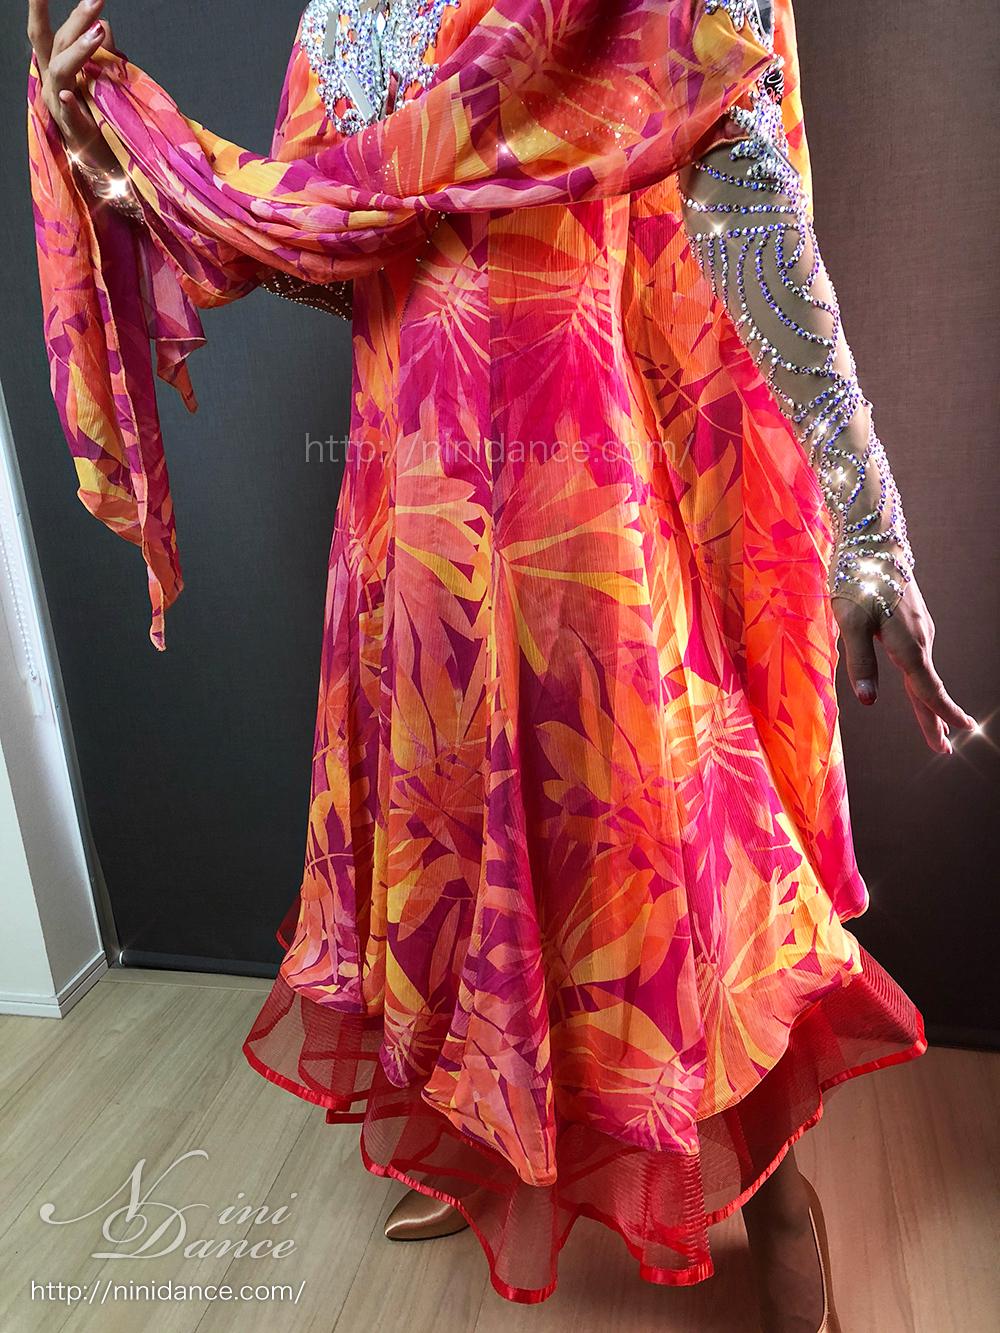 c9757e259de3d nini nini. 13 subscribers. Subscribe · D765紅葉色彩のオーラで魅せる秋風情のモダンドレス